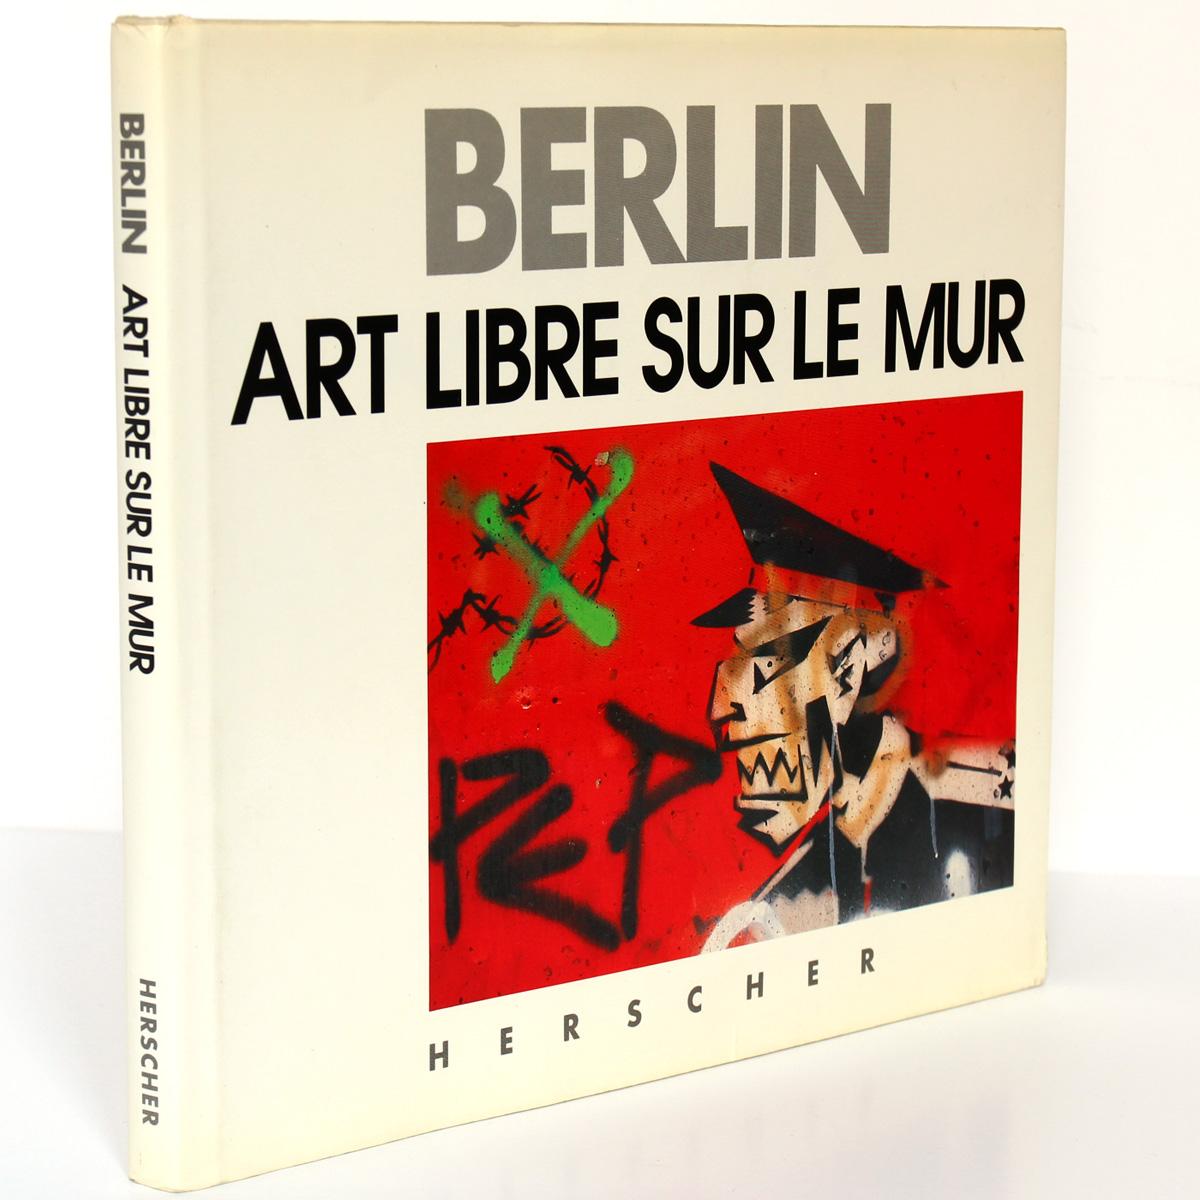 Berlin Art libre sur le mur, Hermann Waldenburg. Herscher, 1990. Reliure avec jaquette.